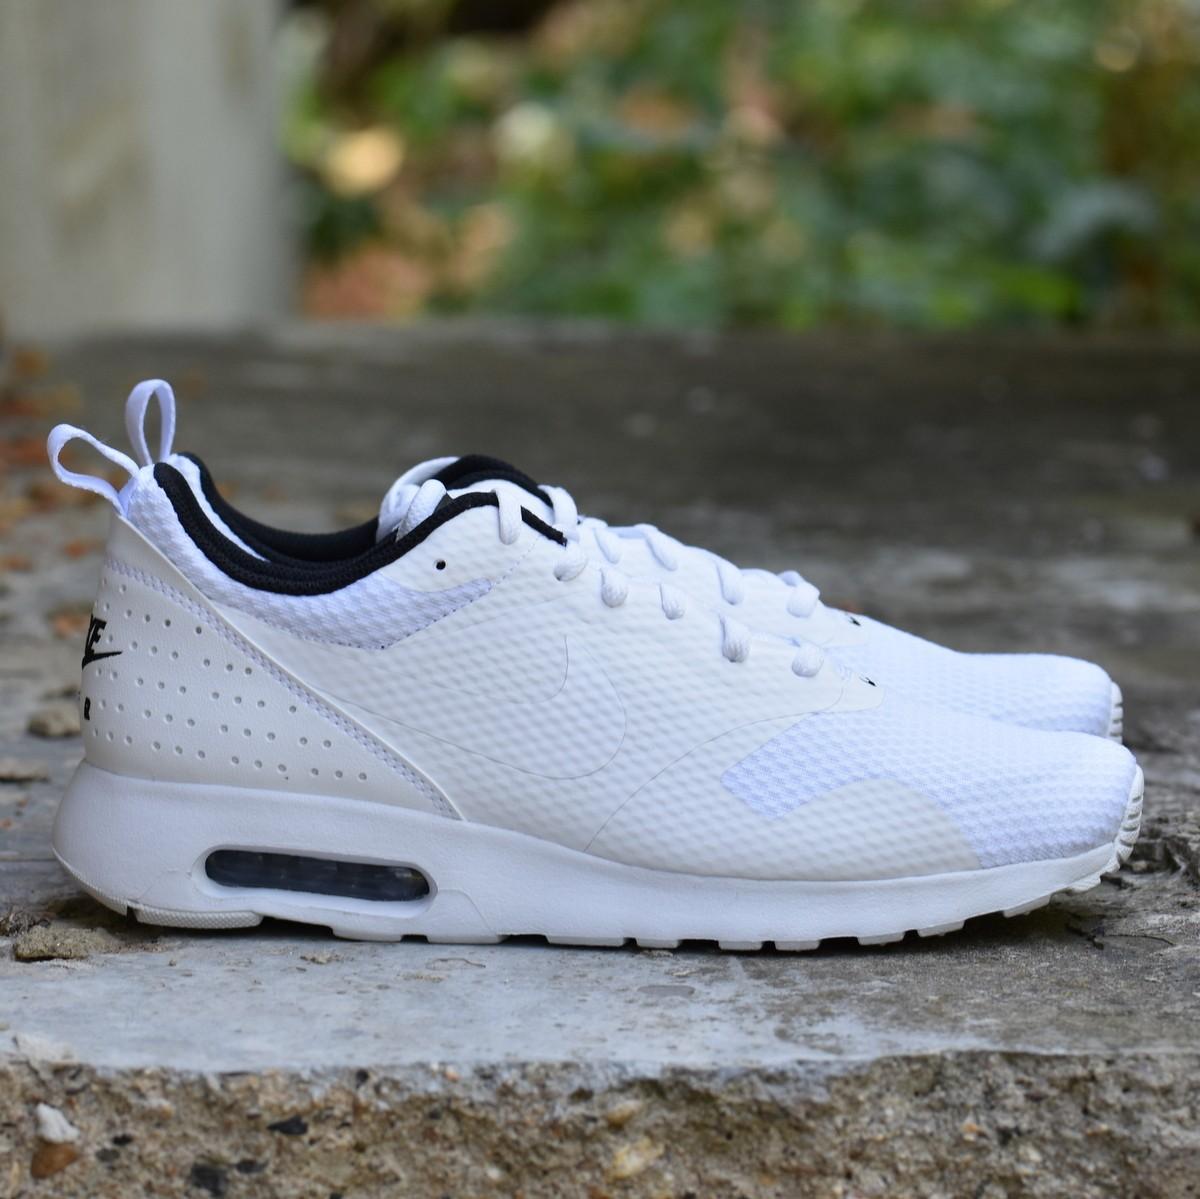 Nike AIR MAX TAVAS Pánské boty EU 44 705149-105 8b825d493c0